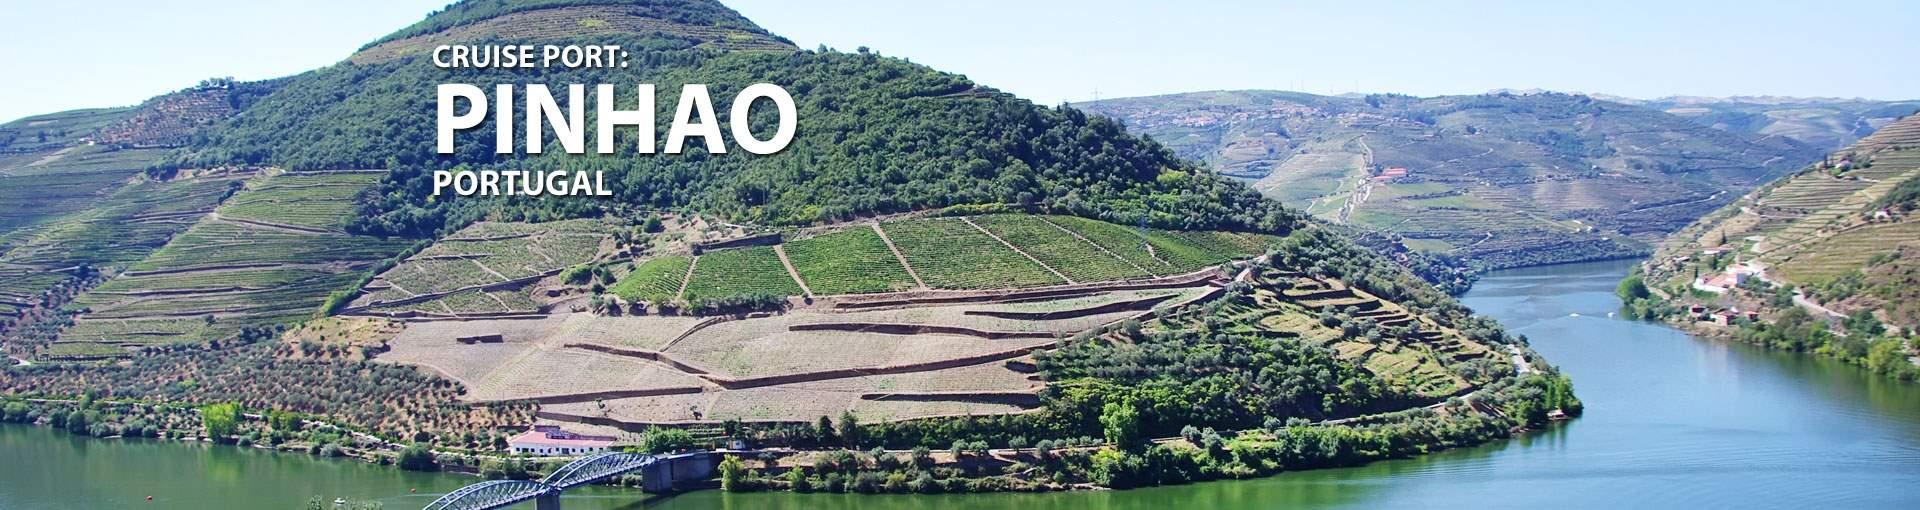 Cruises to Pinhao, Portugal